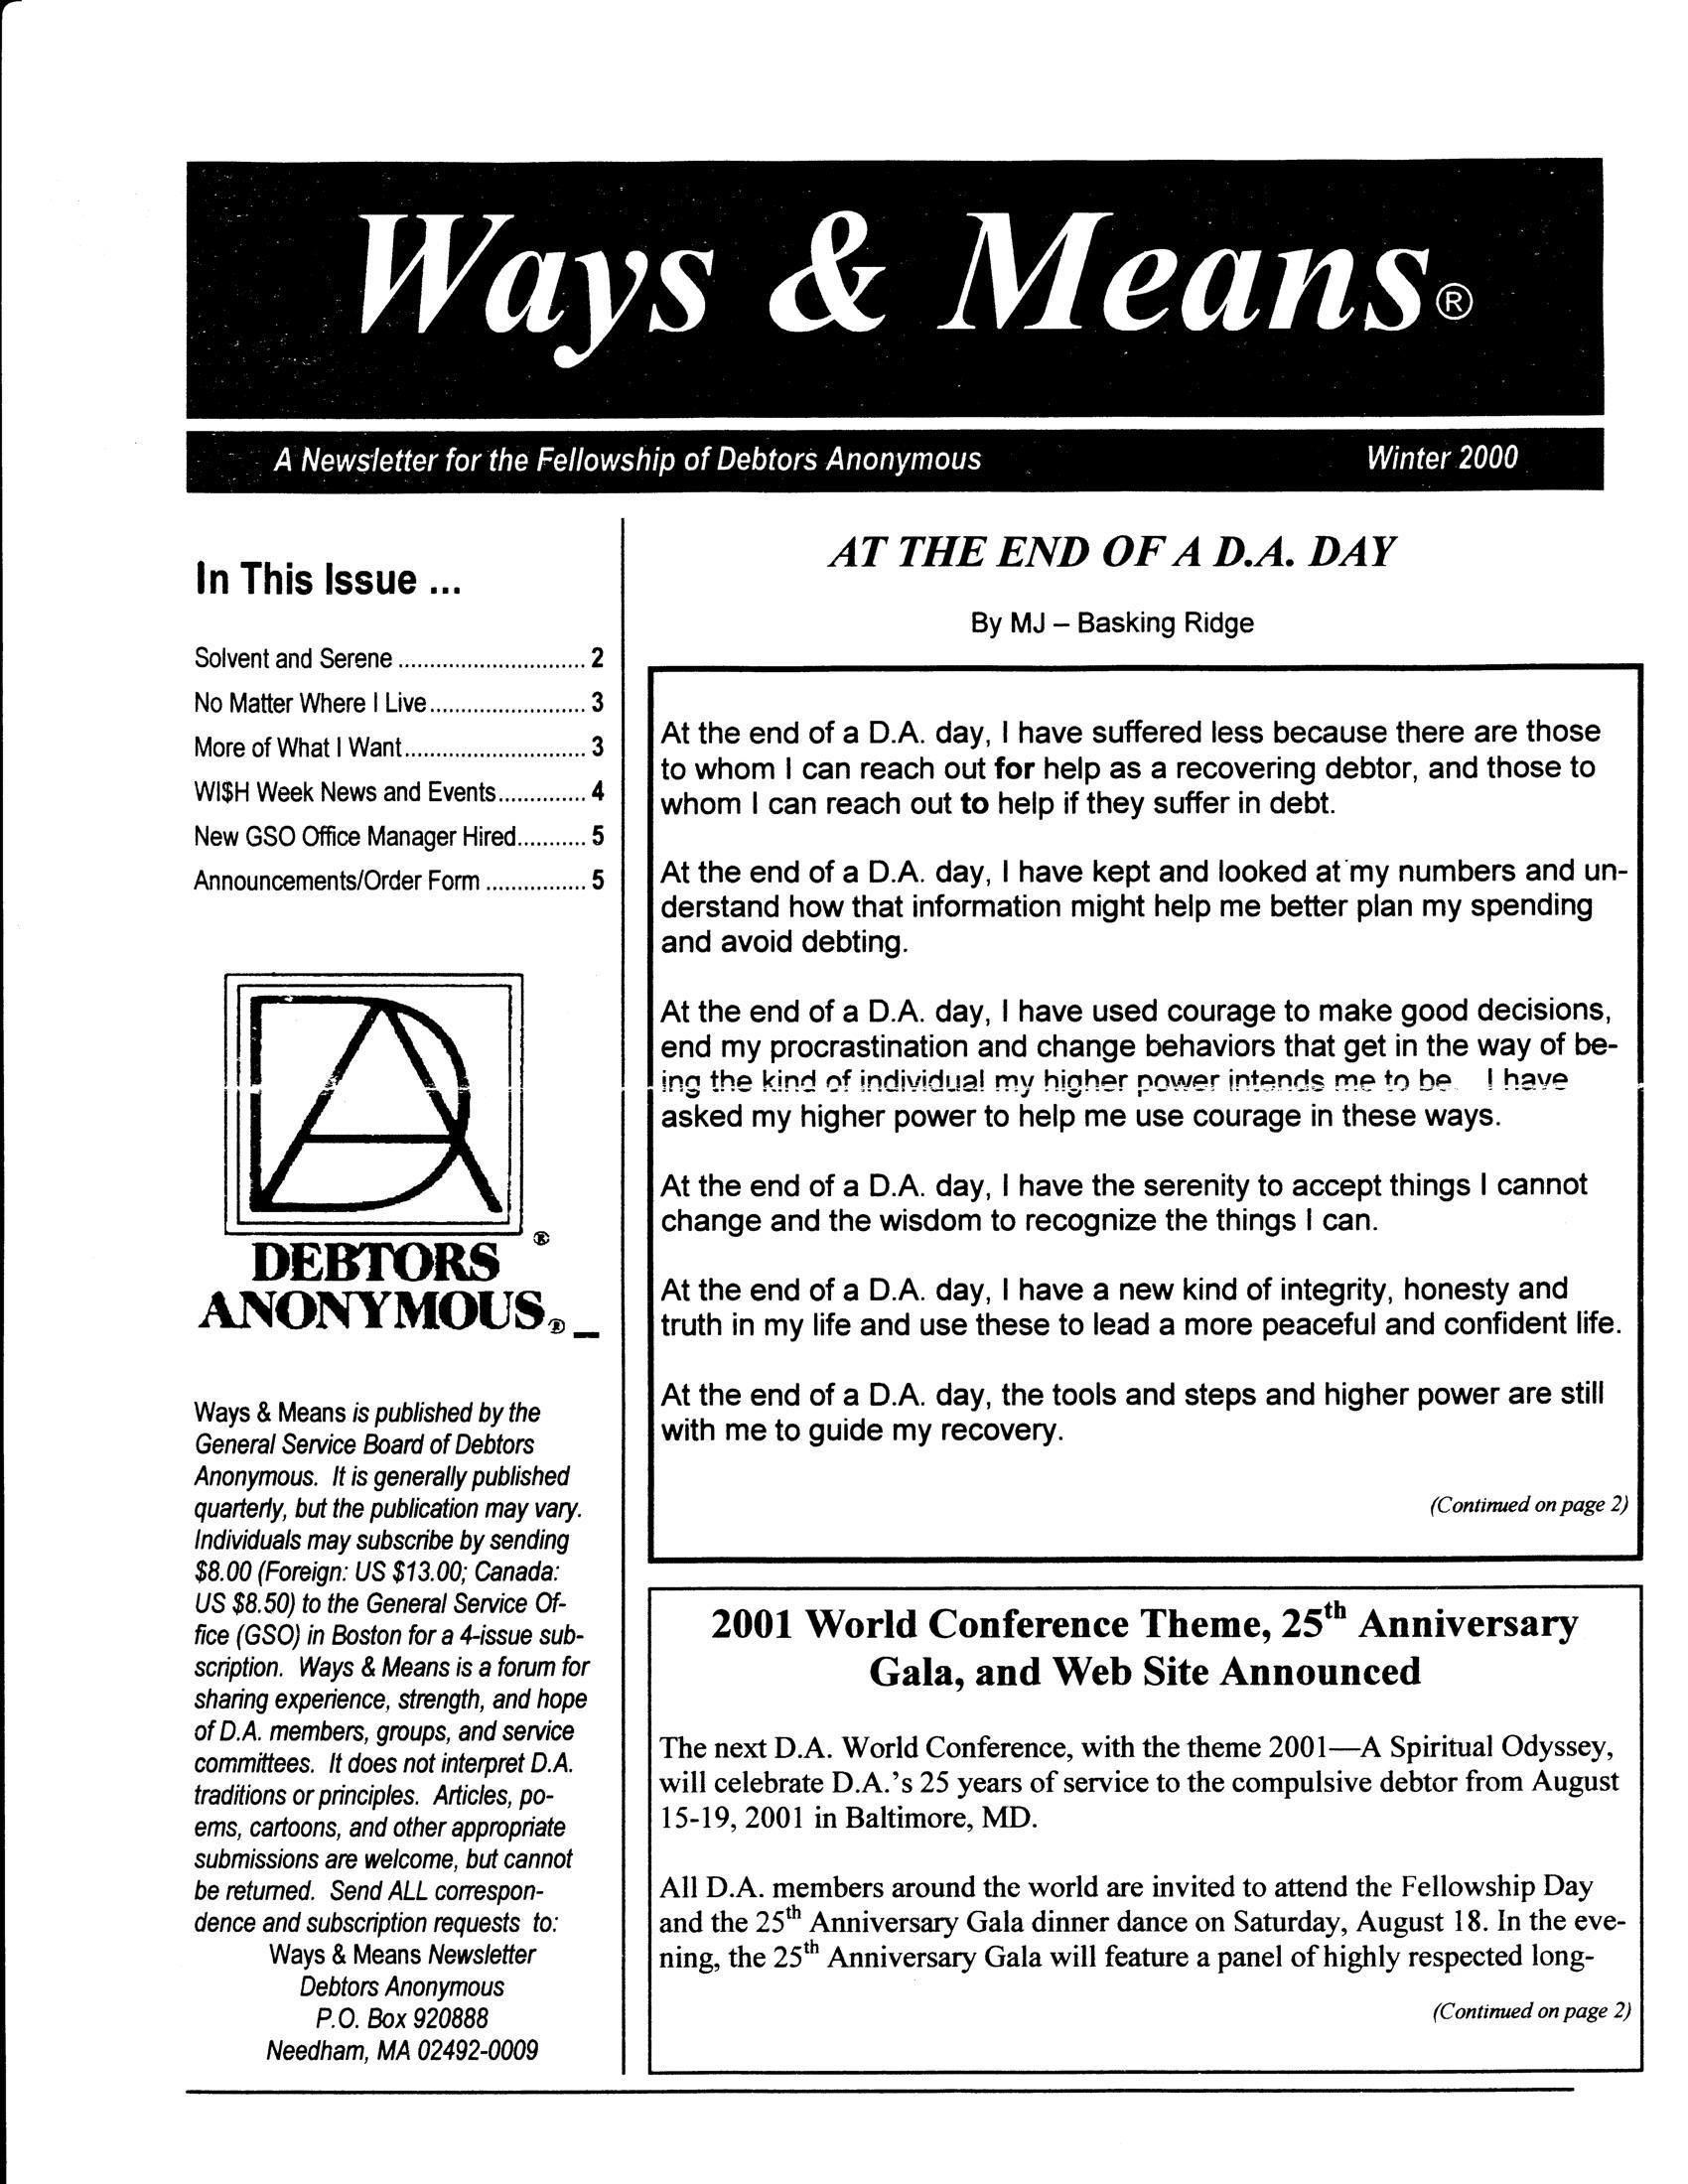 Ways & Means 1st QTR 2000